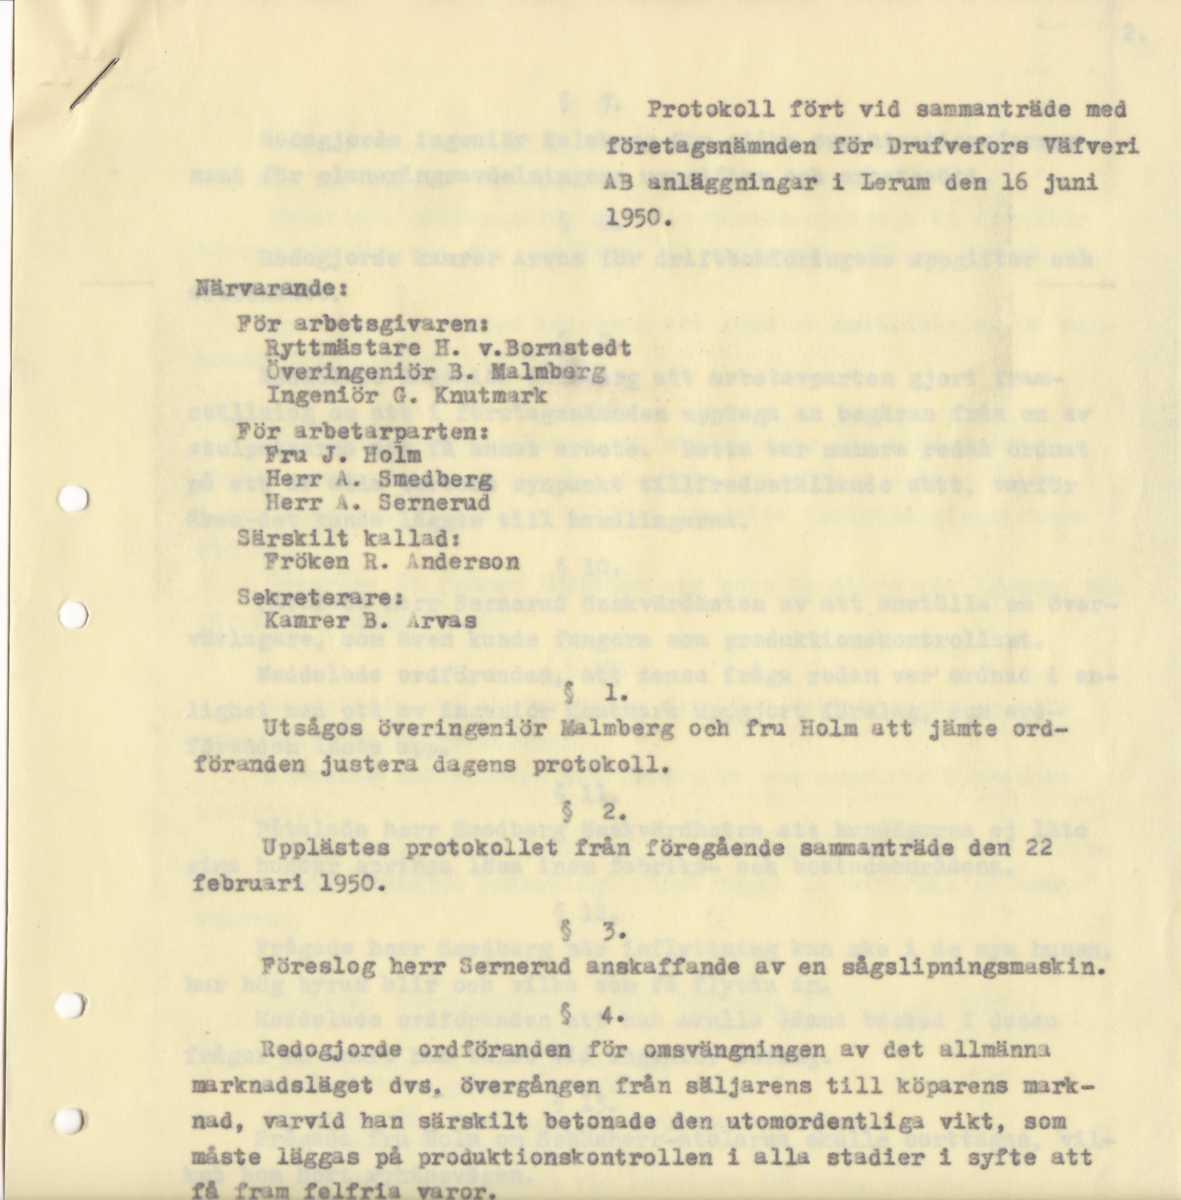 BILD 1. BILDTEXT, Protokoll från företagsnämnden vid Drufvefors anläggning i Hedefors, 16 juni 1950.tif